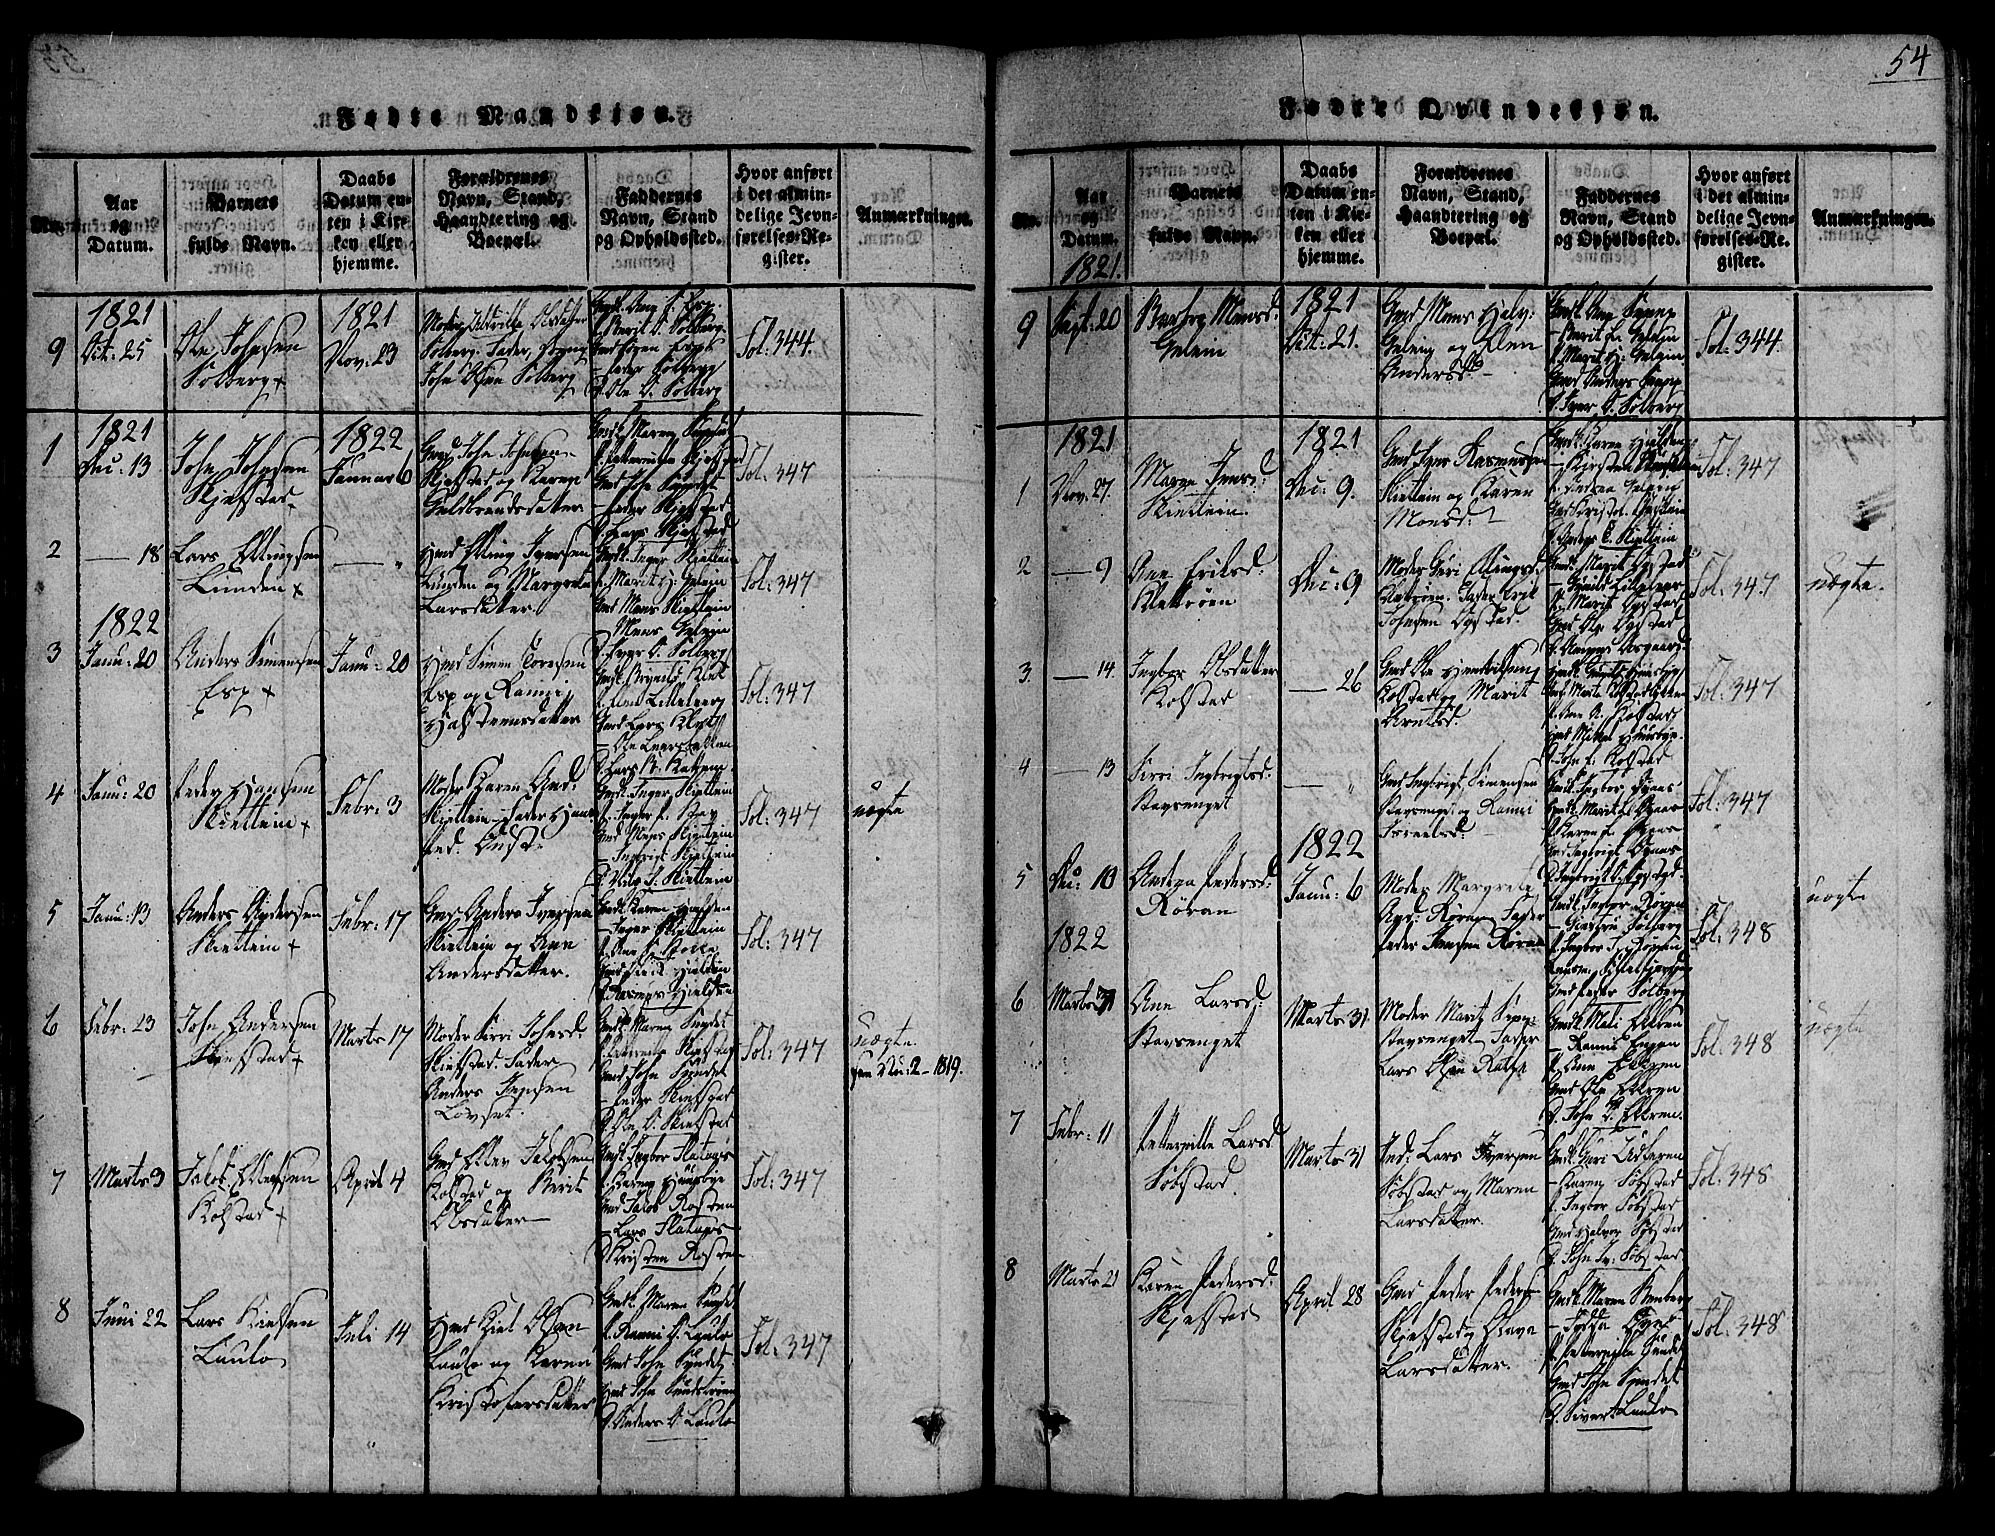 SAT, Ministerialprotokoller, klokkerbøker og fødselsregistre - Sør-Trøndelag, 691/L1067: Ministerialbok nr. 691A03 /3, 1816-1826, s. 54